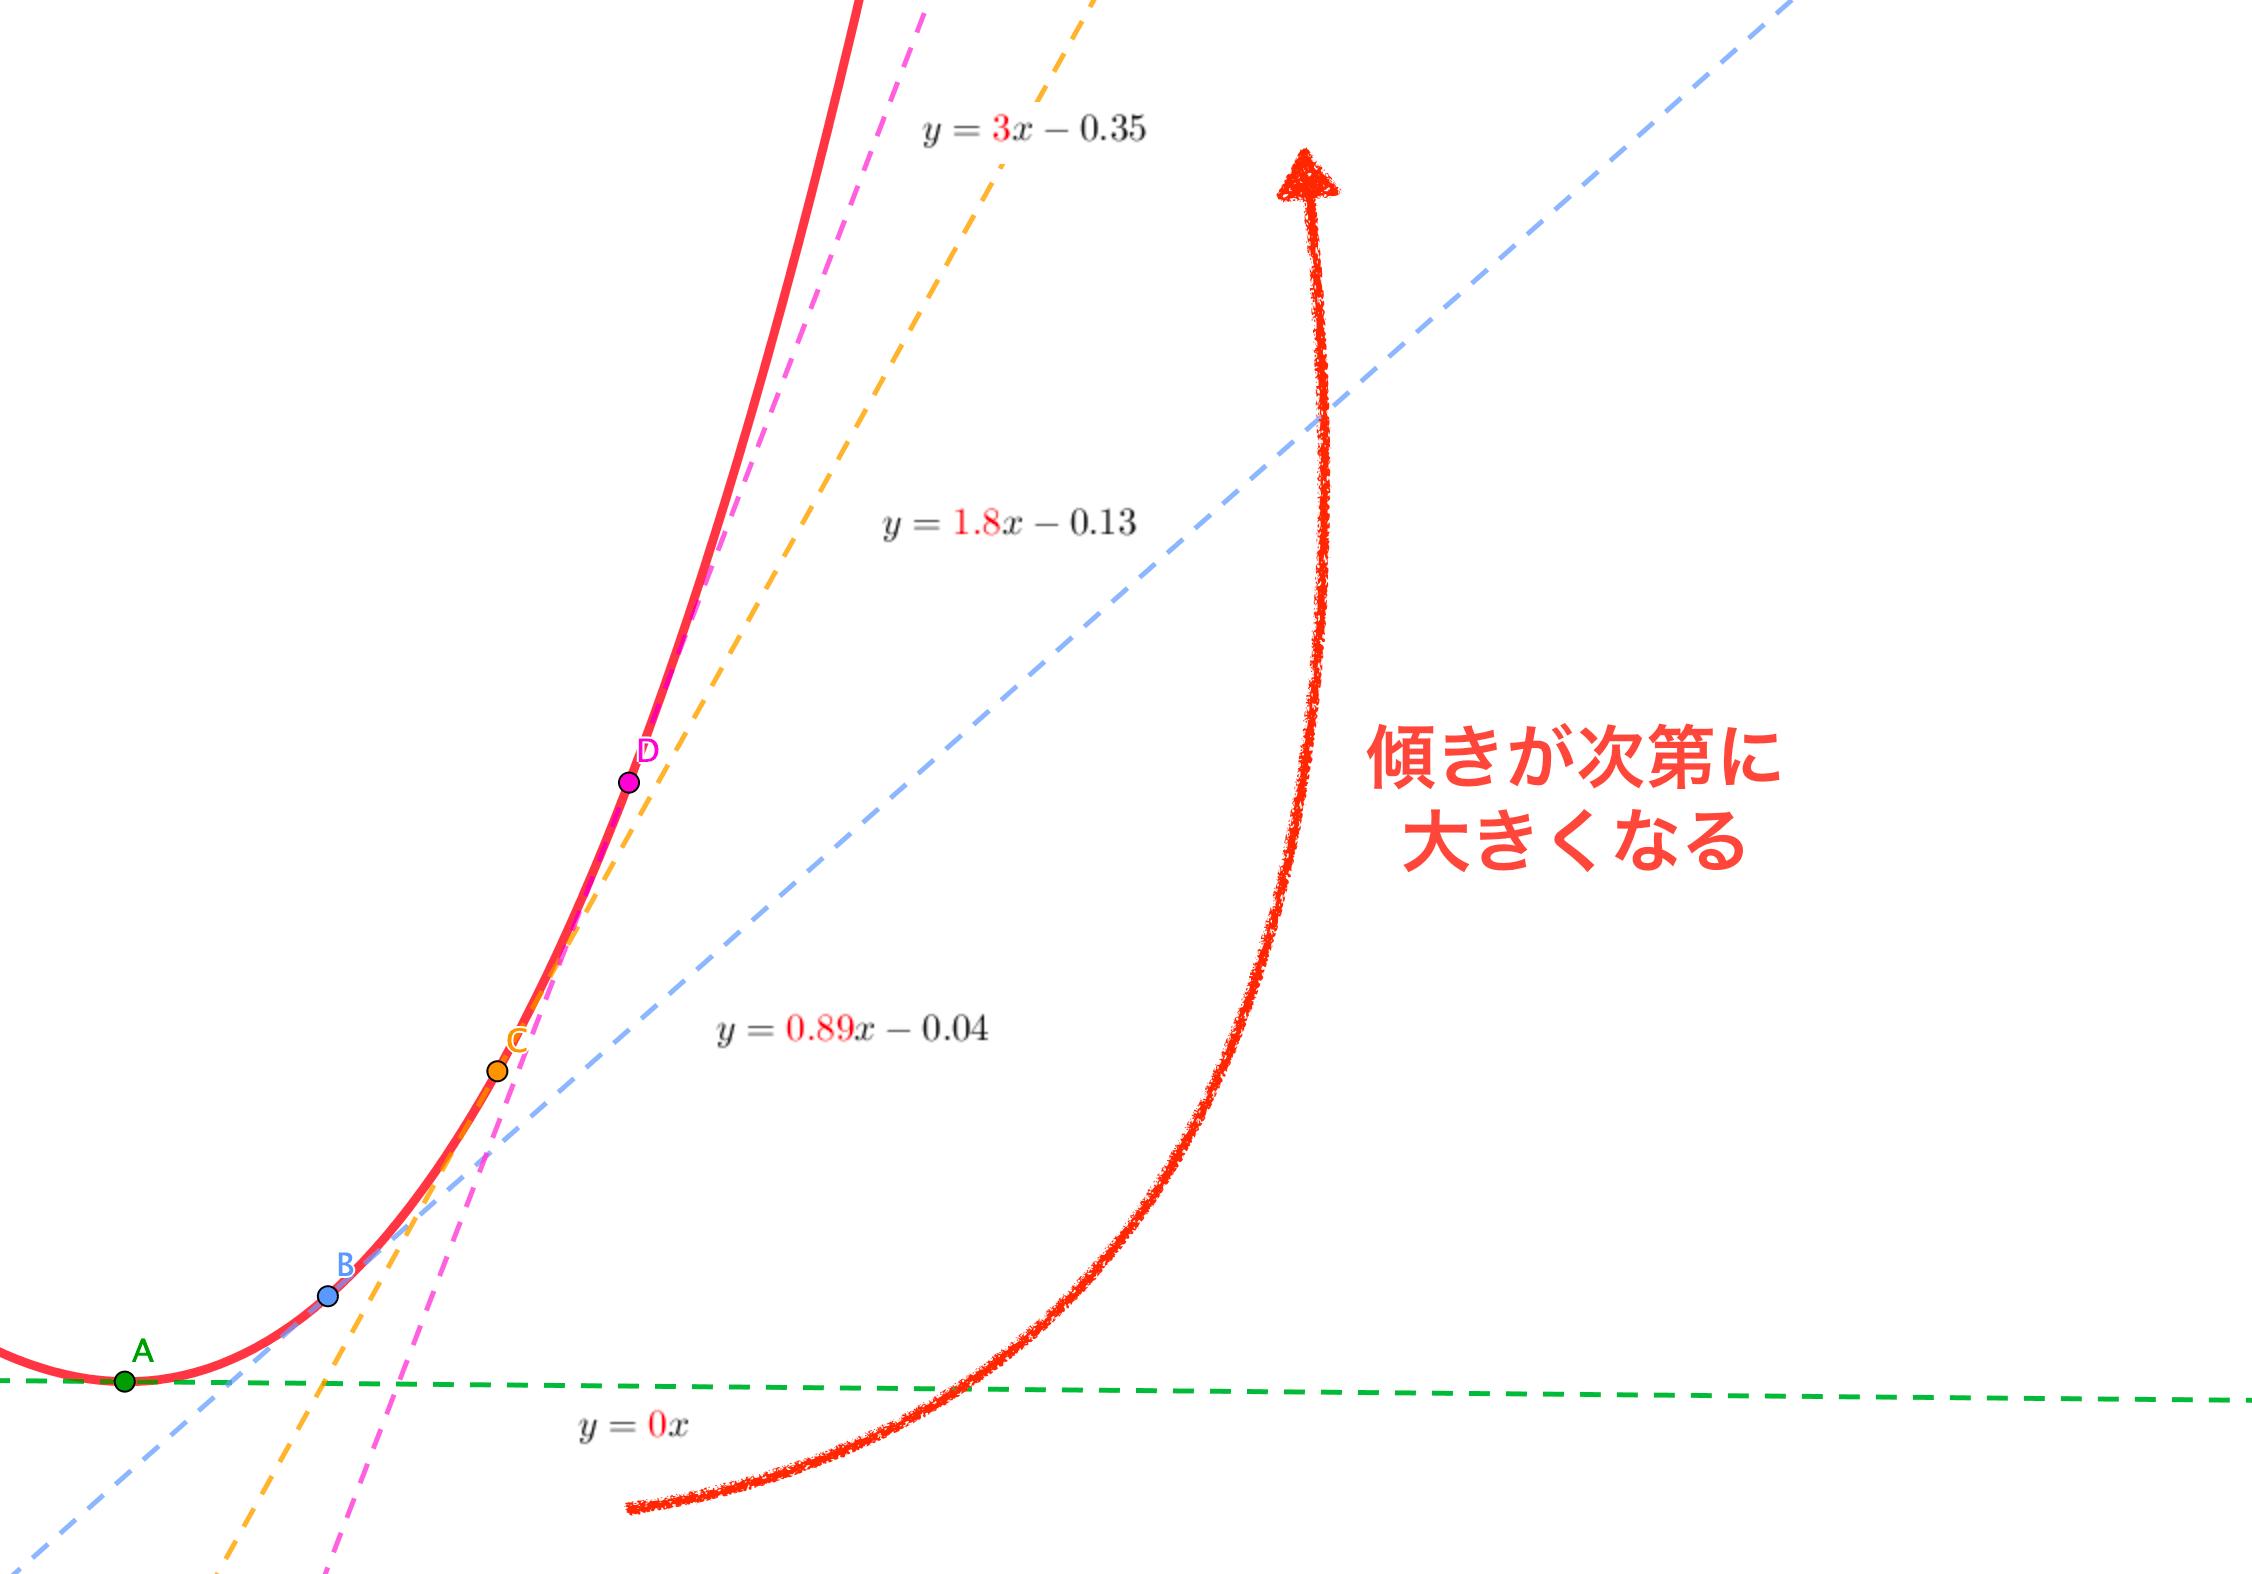 単調増加しているグラフの特徴